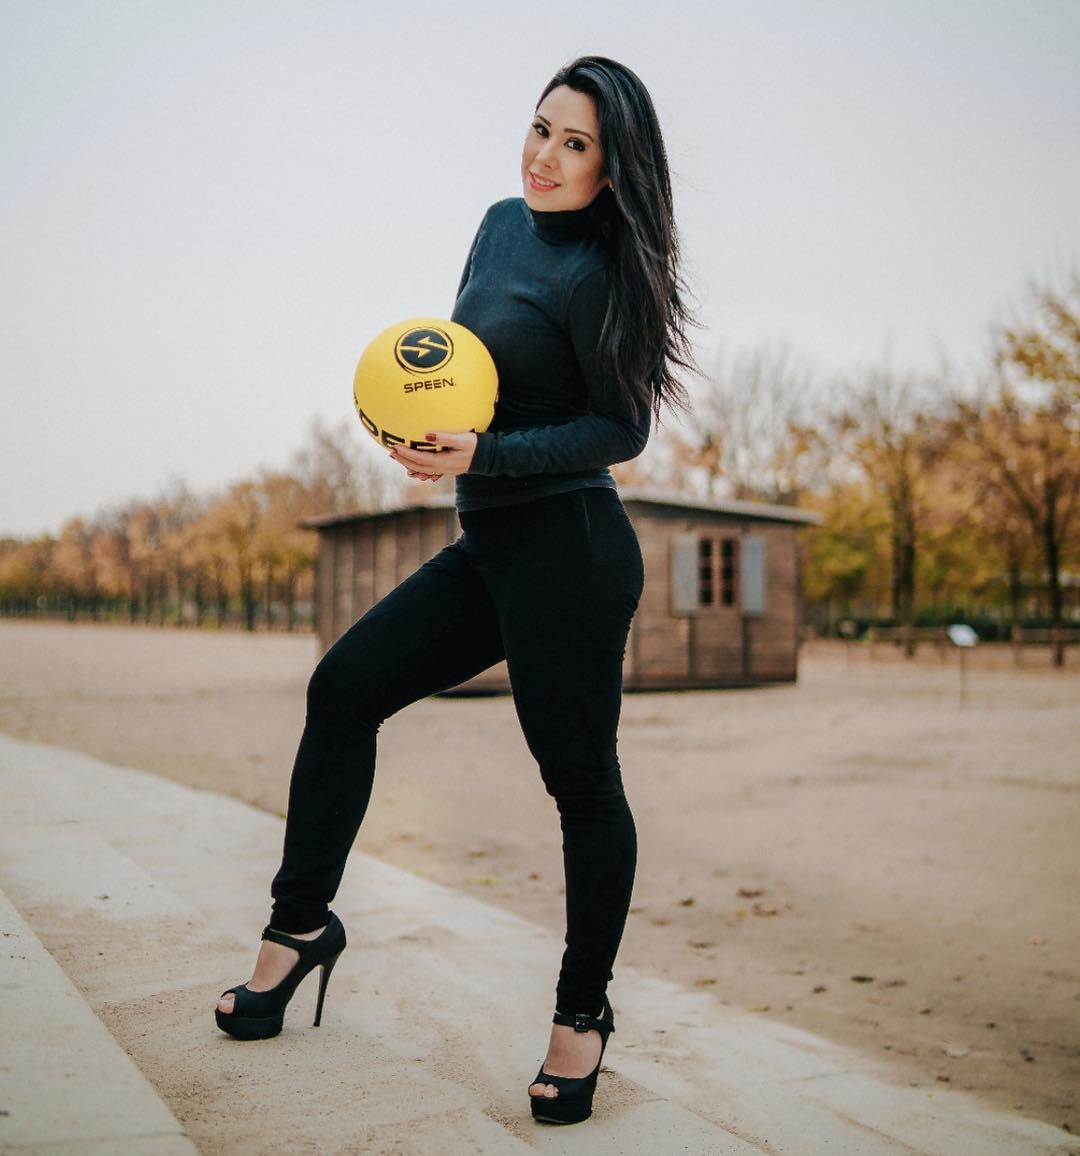 DEBATE sobre belleza, guapura y hermosura (fotos de chicas latinas, mestizas, y de todo) - VOL II - Página 3 Raquelfreestyle_30846346_225543641526989_1906657835211554816_n